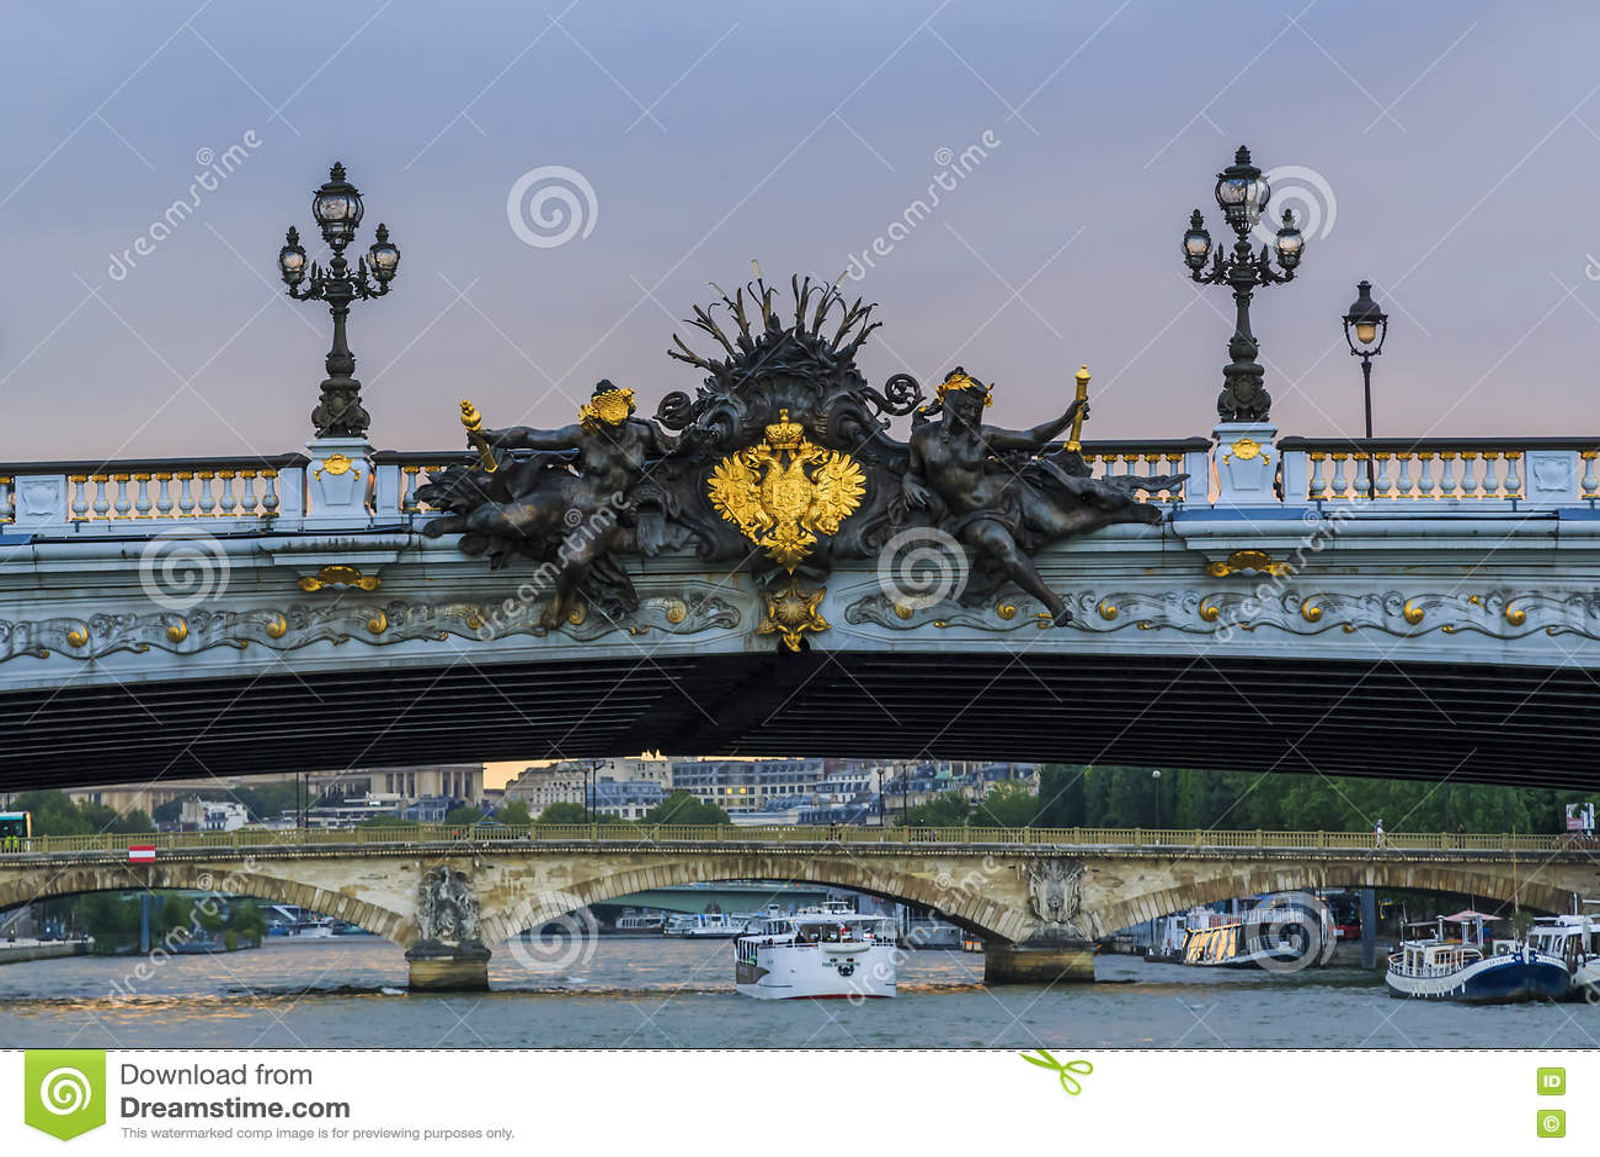 Detail of Alexander III bridge